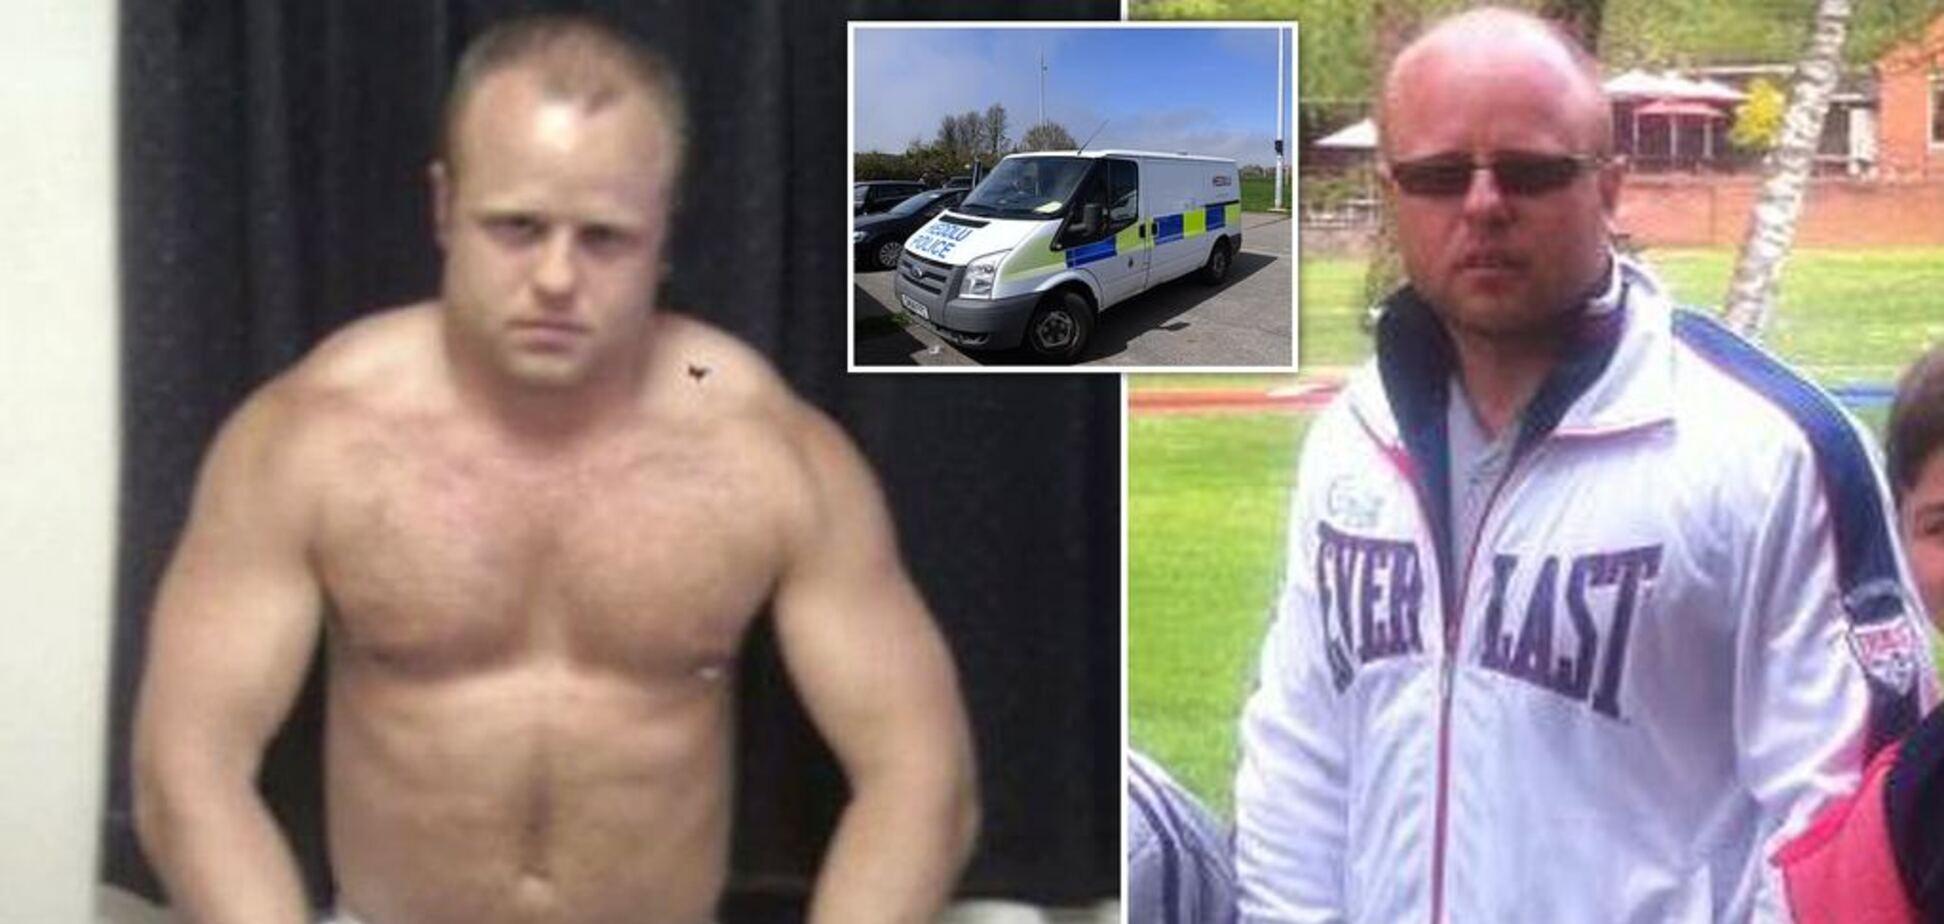 'Косив, як кеглі': божевільному футболісту, який збив 11 дітей, загрожує в'язниця